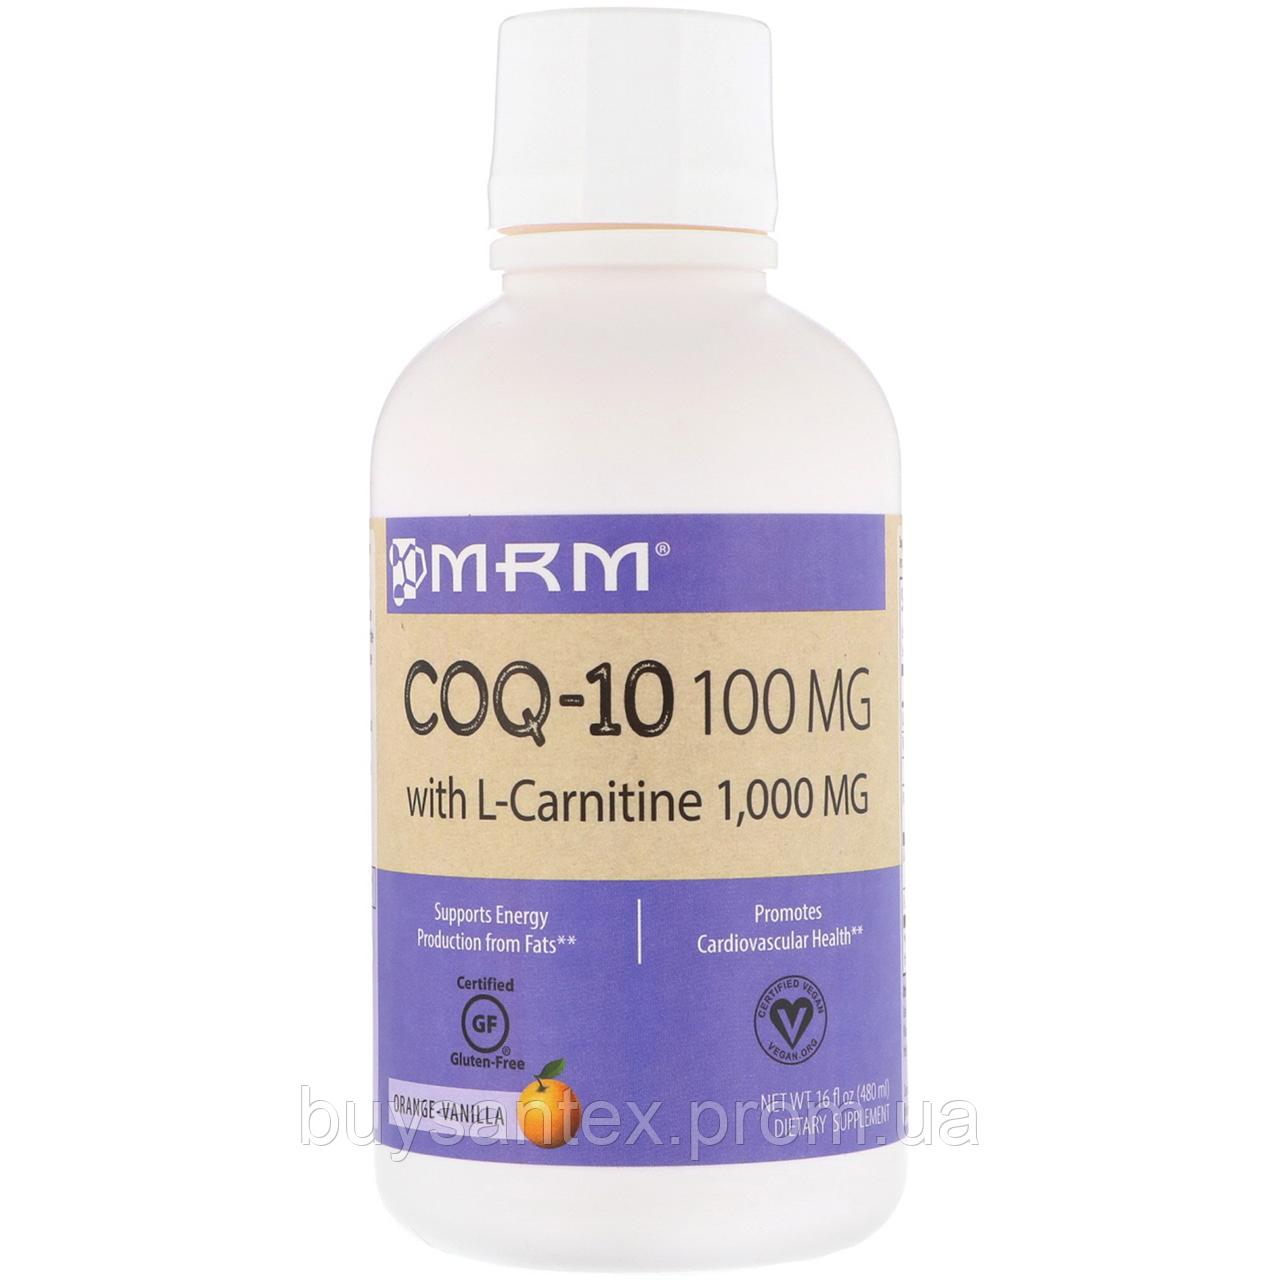 MRM, COQ-10 with L-Carnitine, Orange-Vanilla, 100 mg / 1,000 mg, 16 fl oz (480 ml)